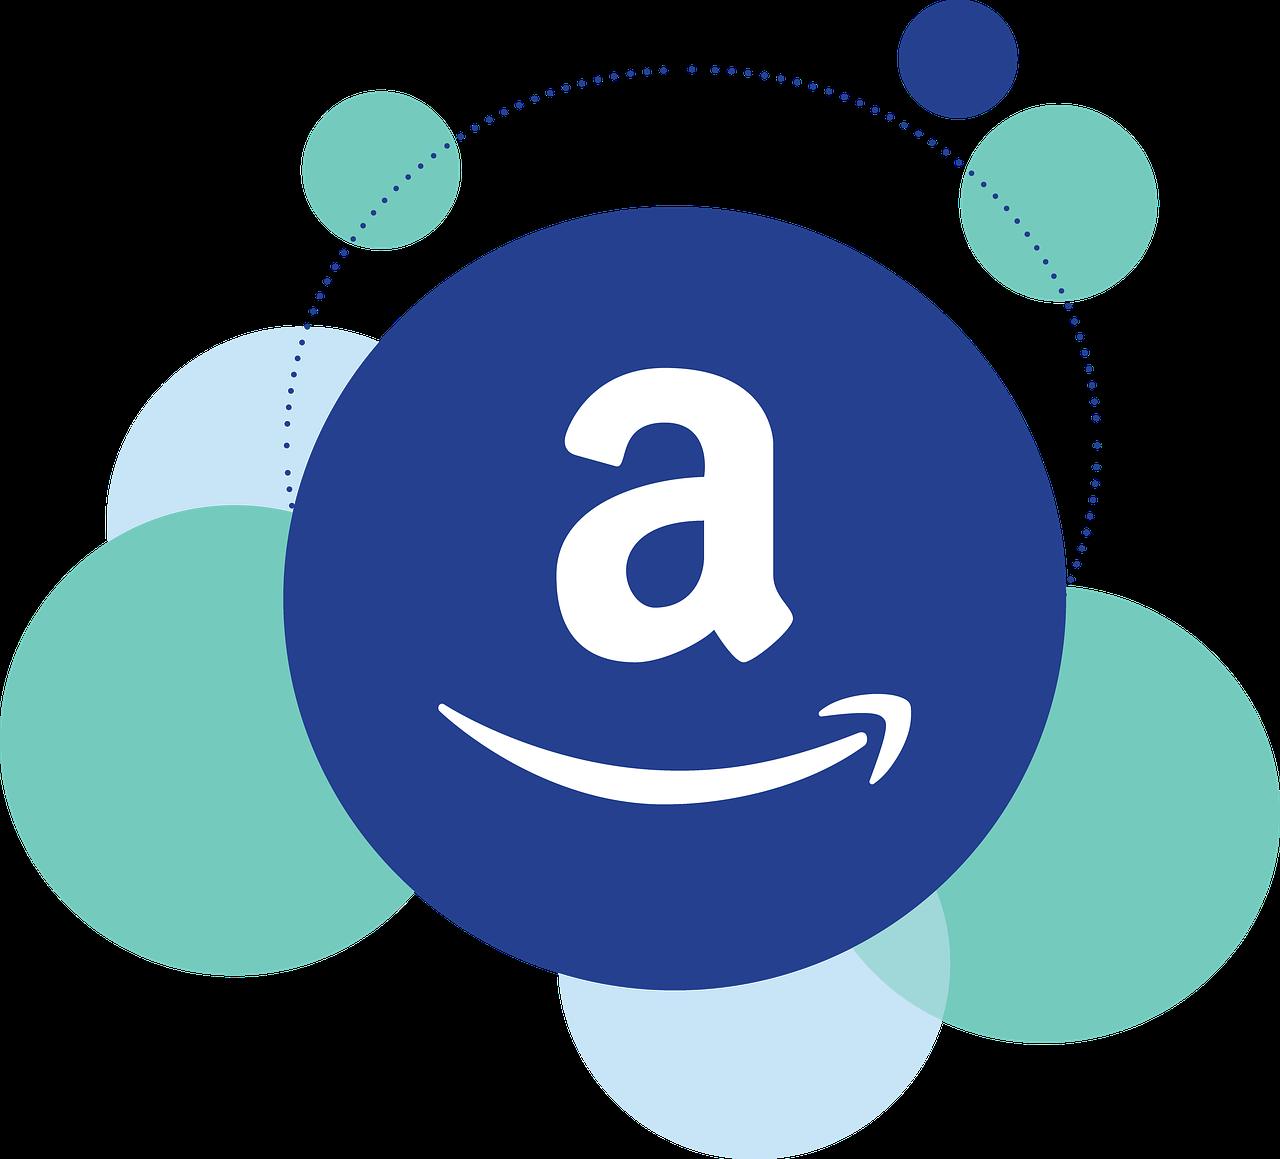 アマゾンのロゴのイラスト